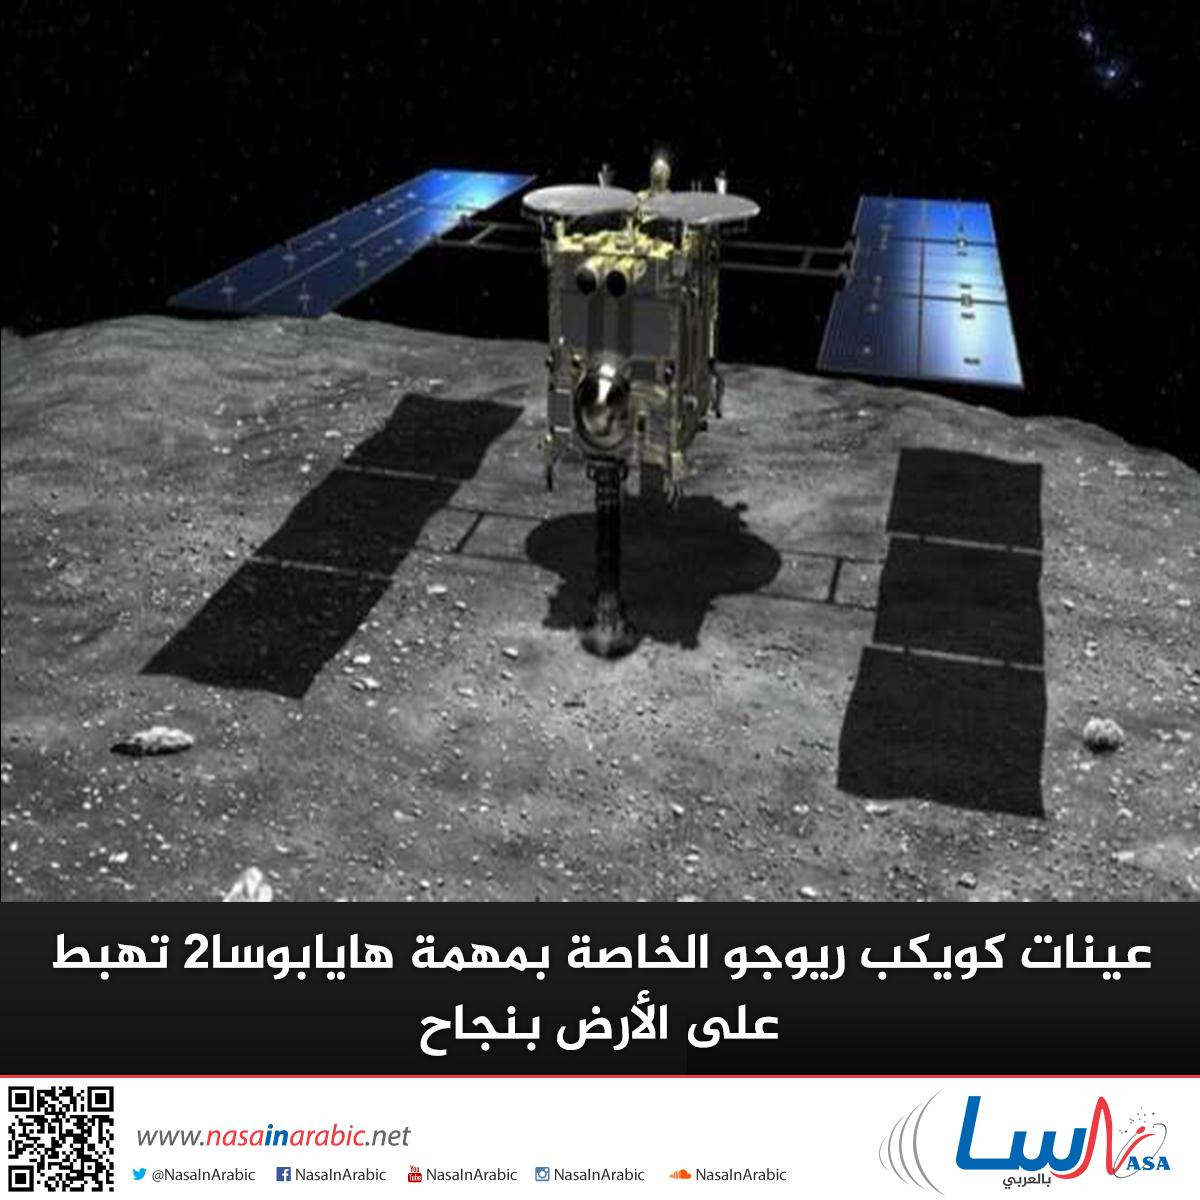 عينات كويكب ريوجو الخاصة بمهمة هايابوسا2 تهبط على الأرض بنجاح